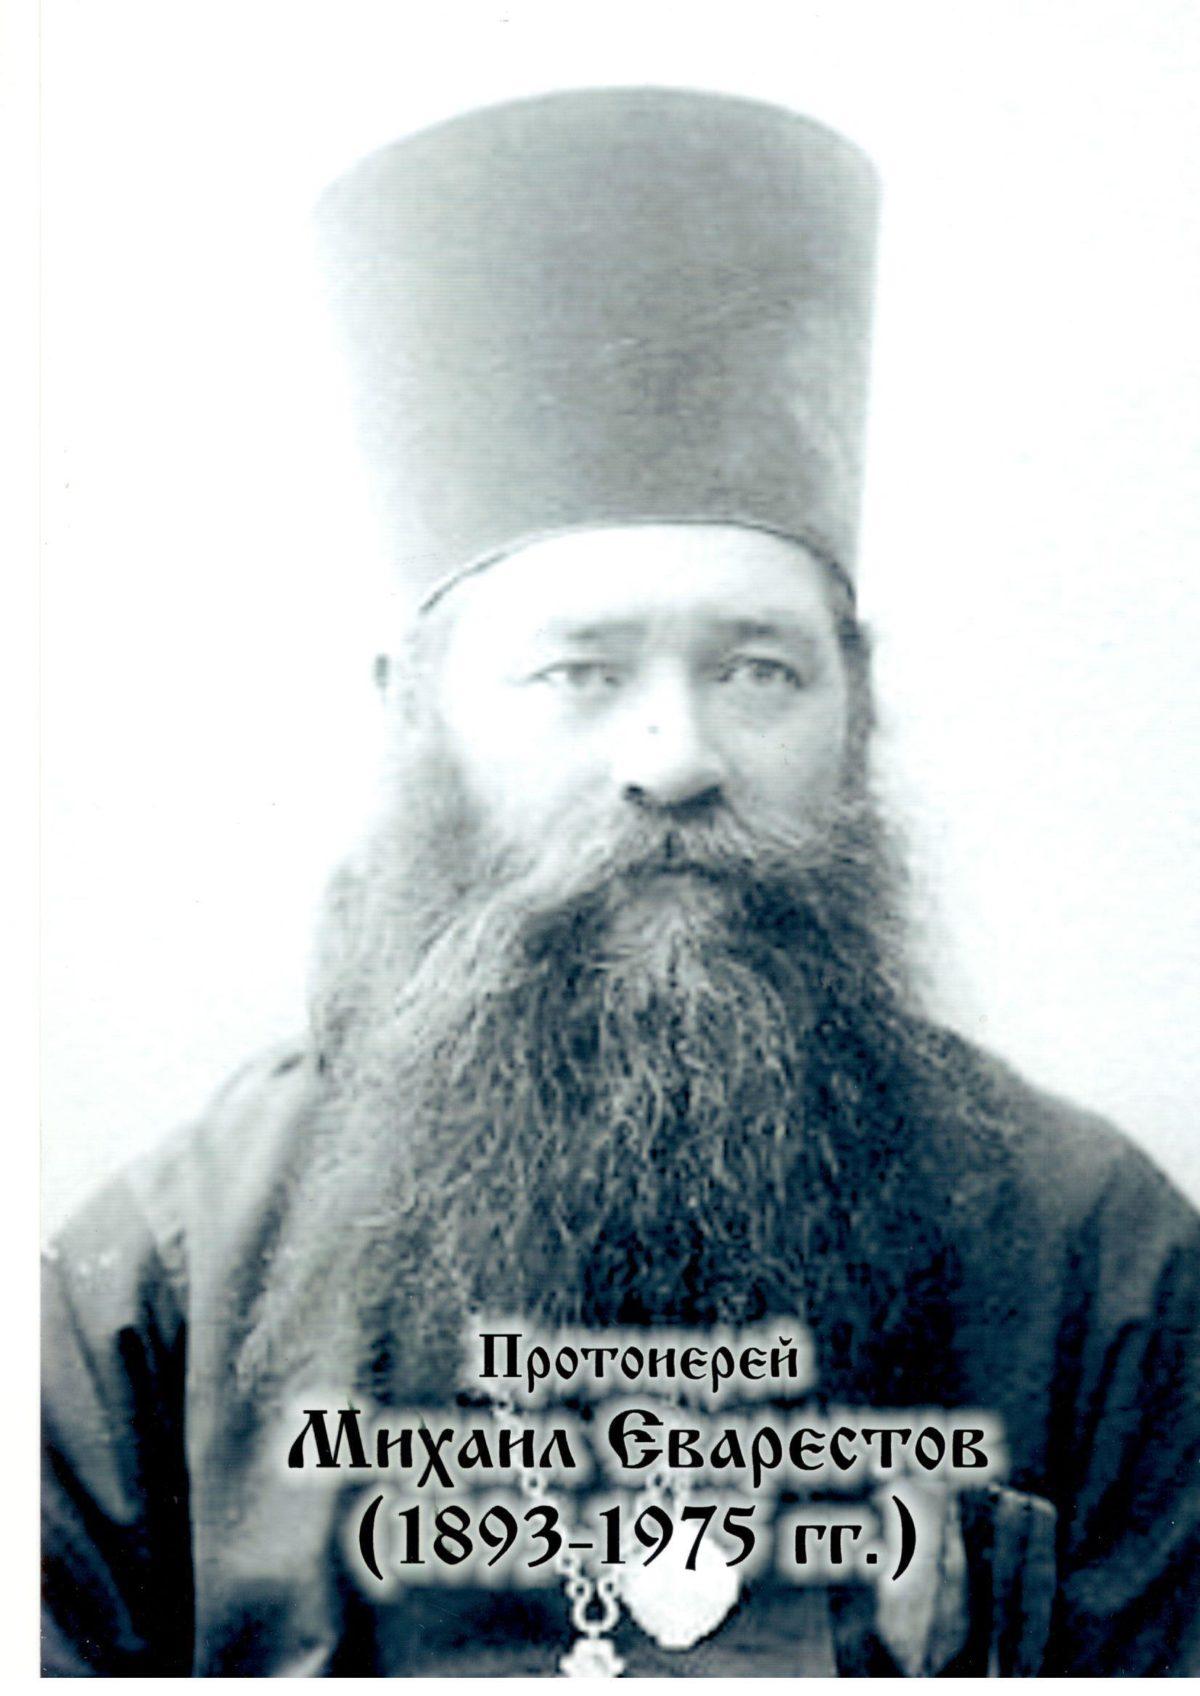 Протоиерей Михаил Еварестов